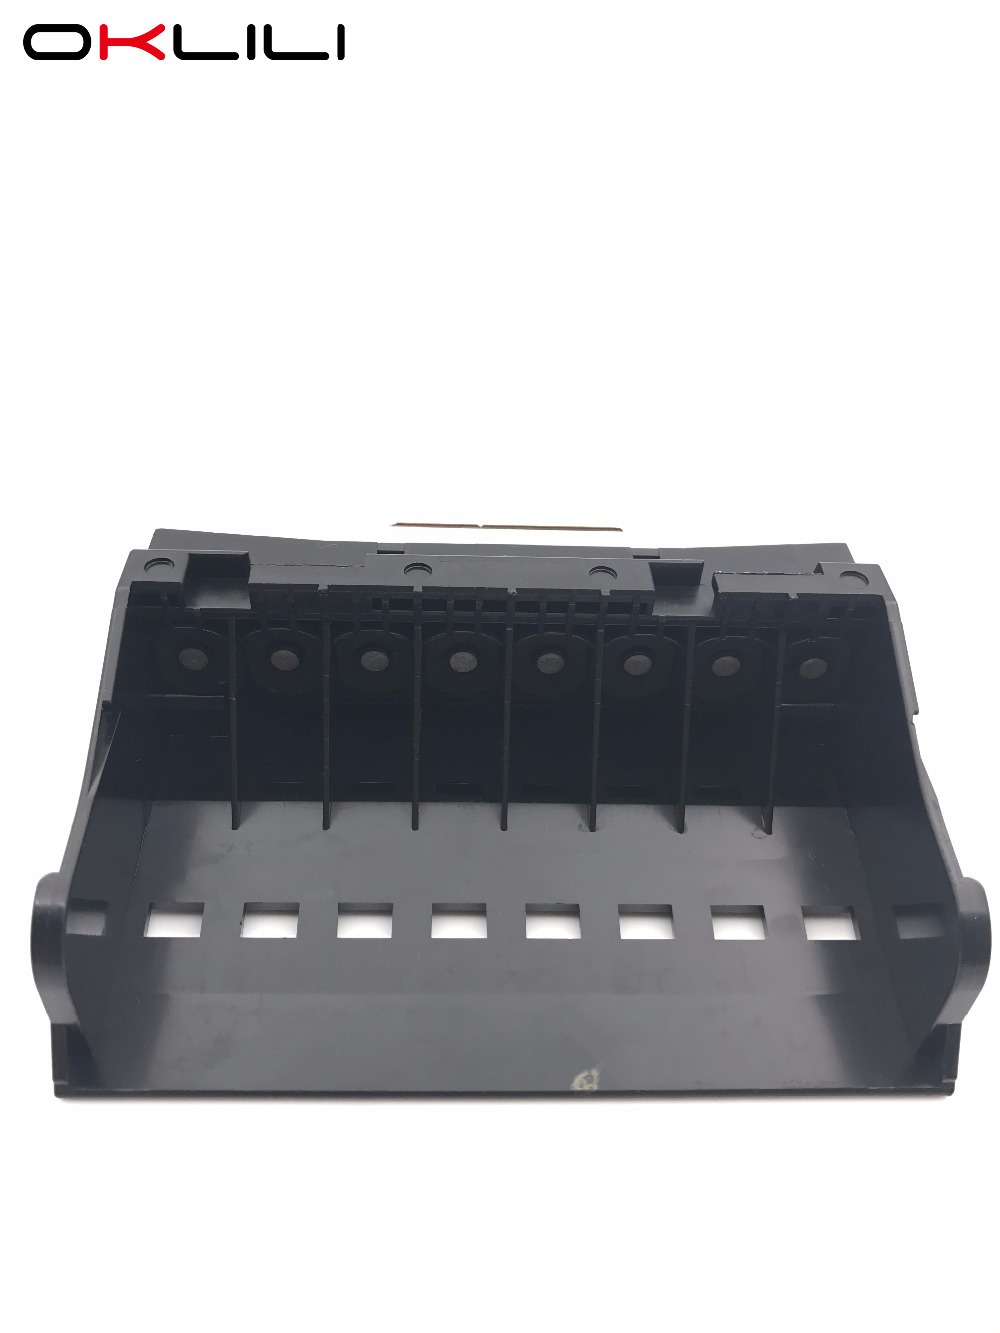 все цены на OKLILI QY6-0076 Printhead Print Head Printer Head for Canon PIXUS 9900i i9900 i9950 iP8600 iP8500 iP9910 Pro9000 Mark II онлайн